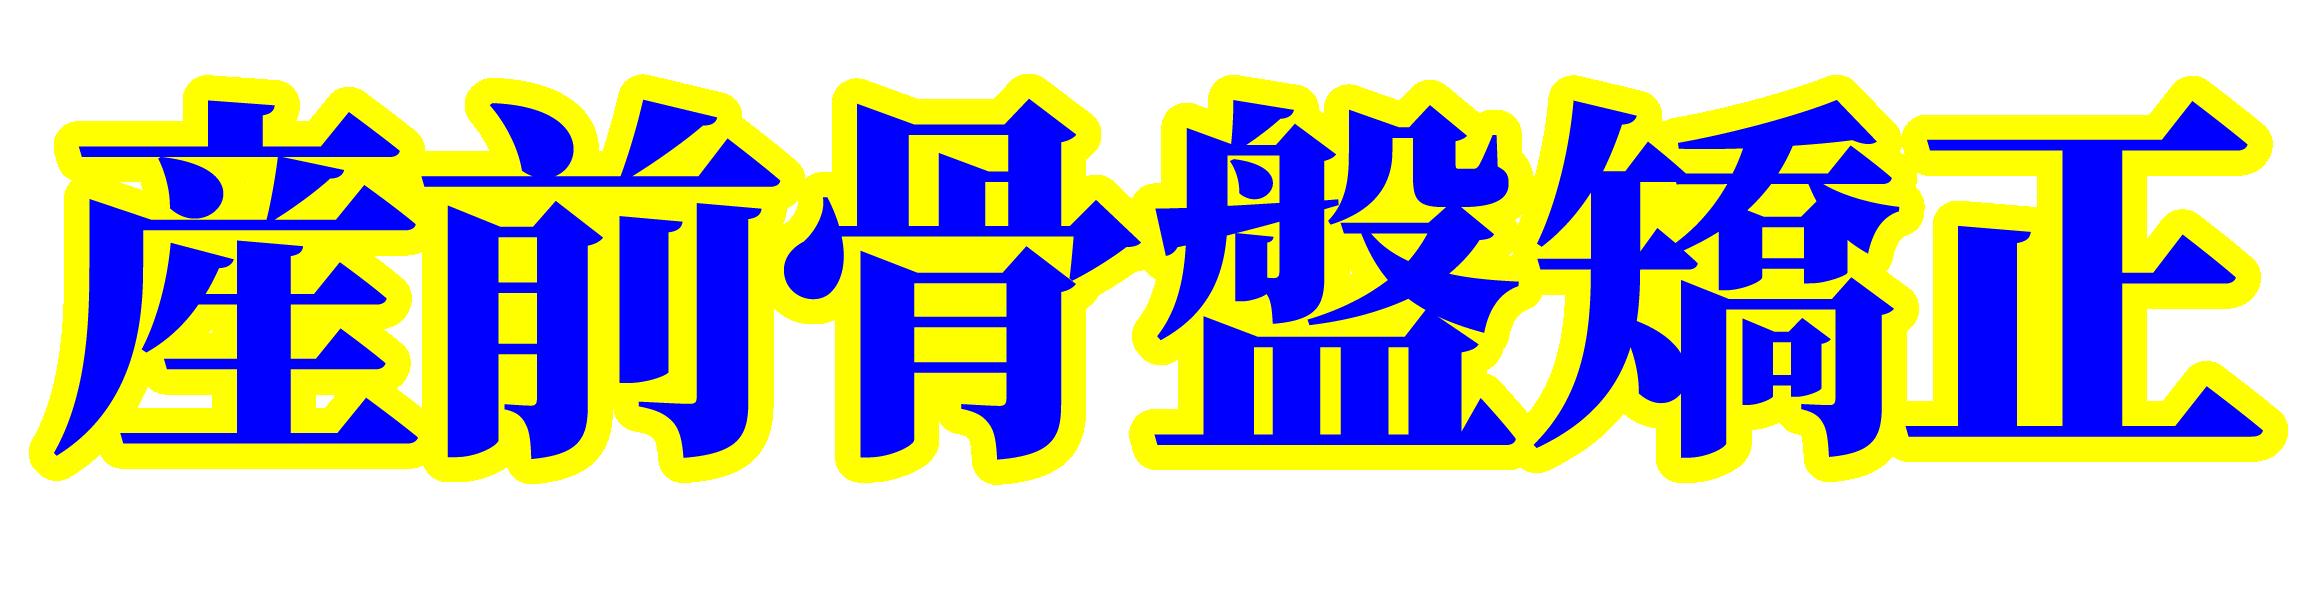 「産前骨盤矯正」文字デザインイラスト!無料ダウンロード素材